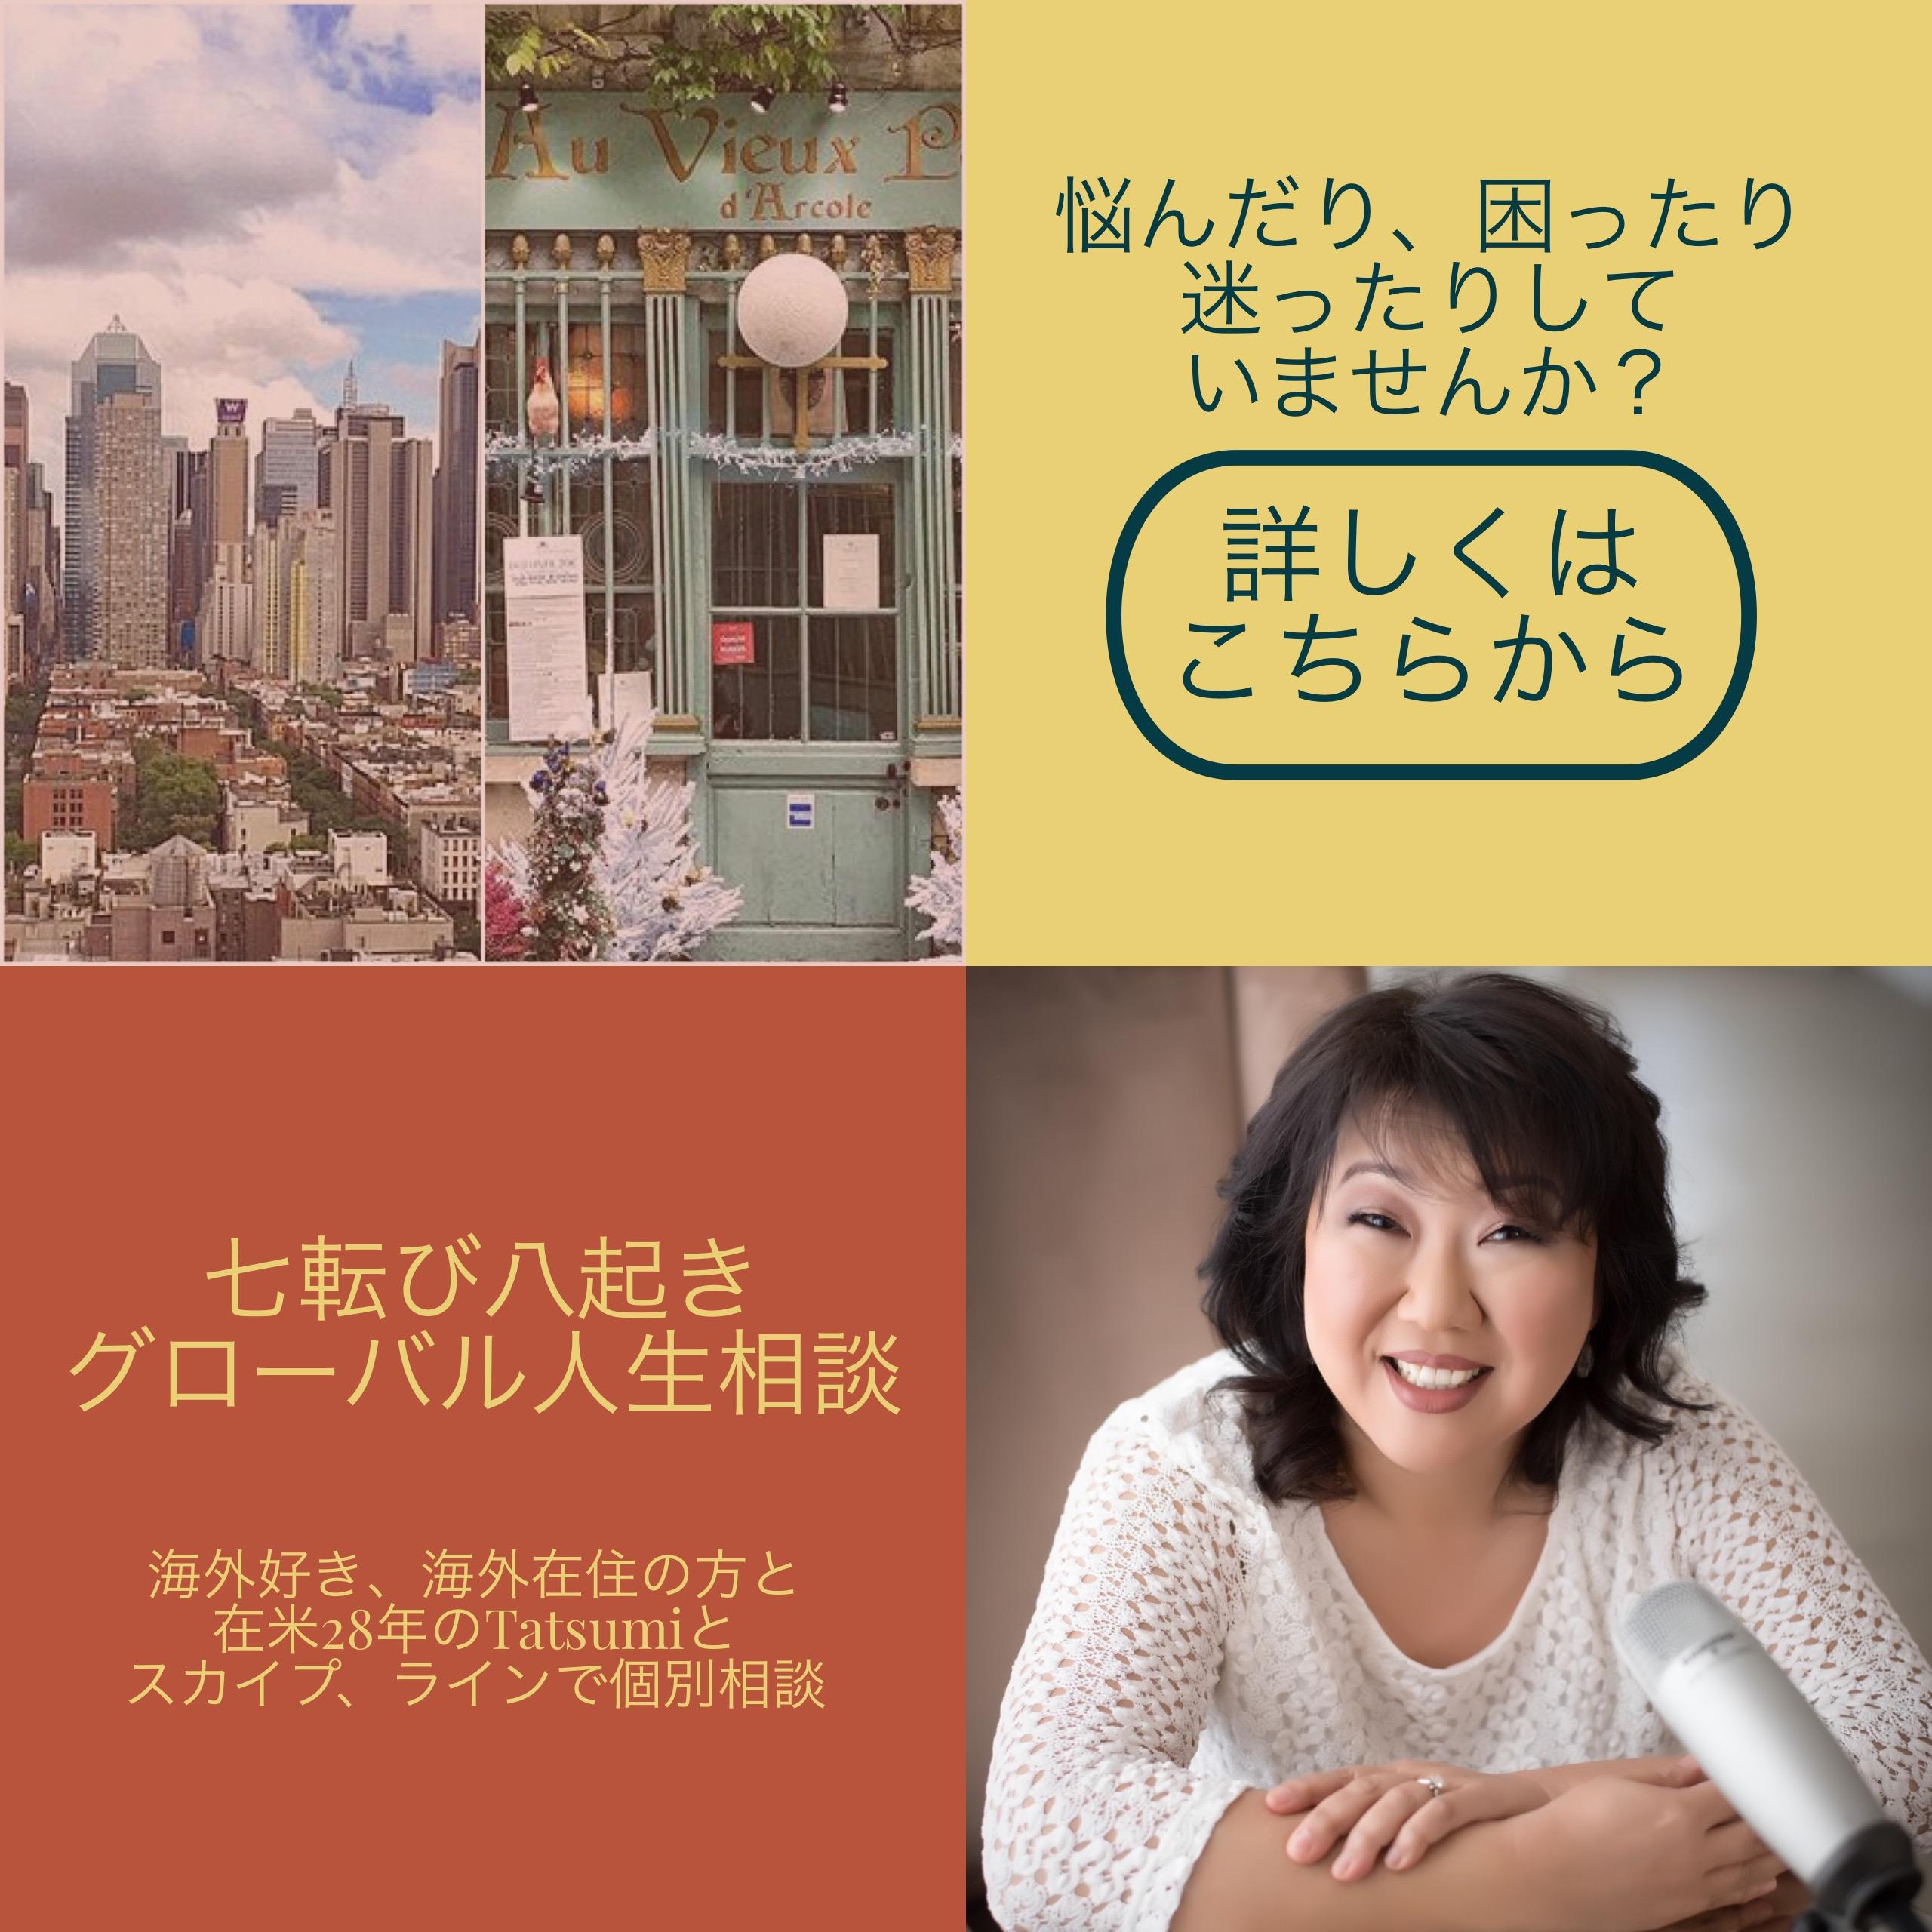 海外生活28年 司会者Tatsumiのグローバル相談室を始めました